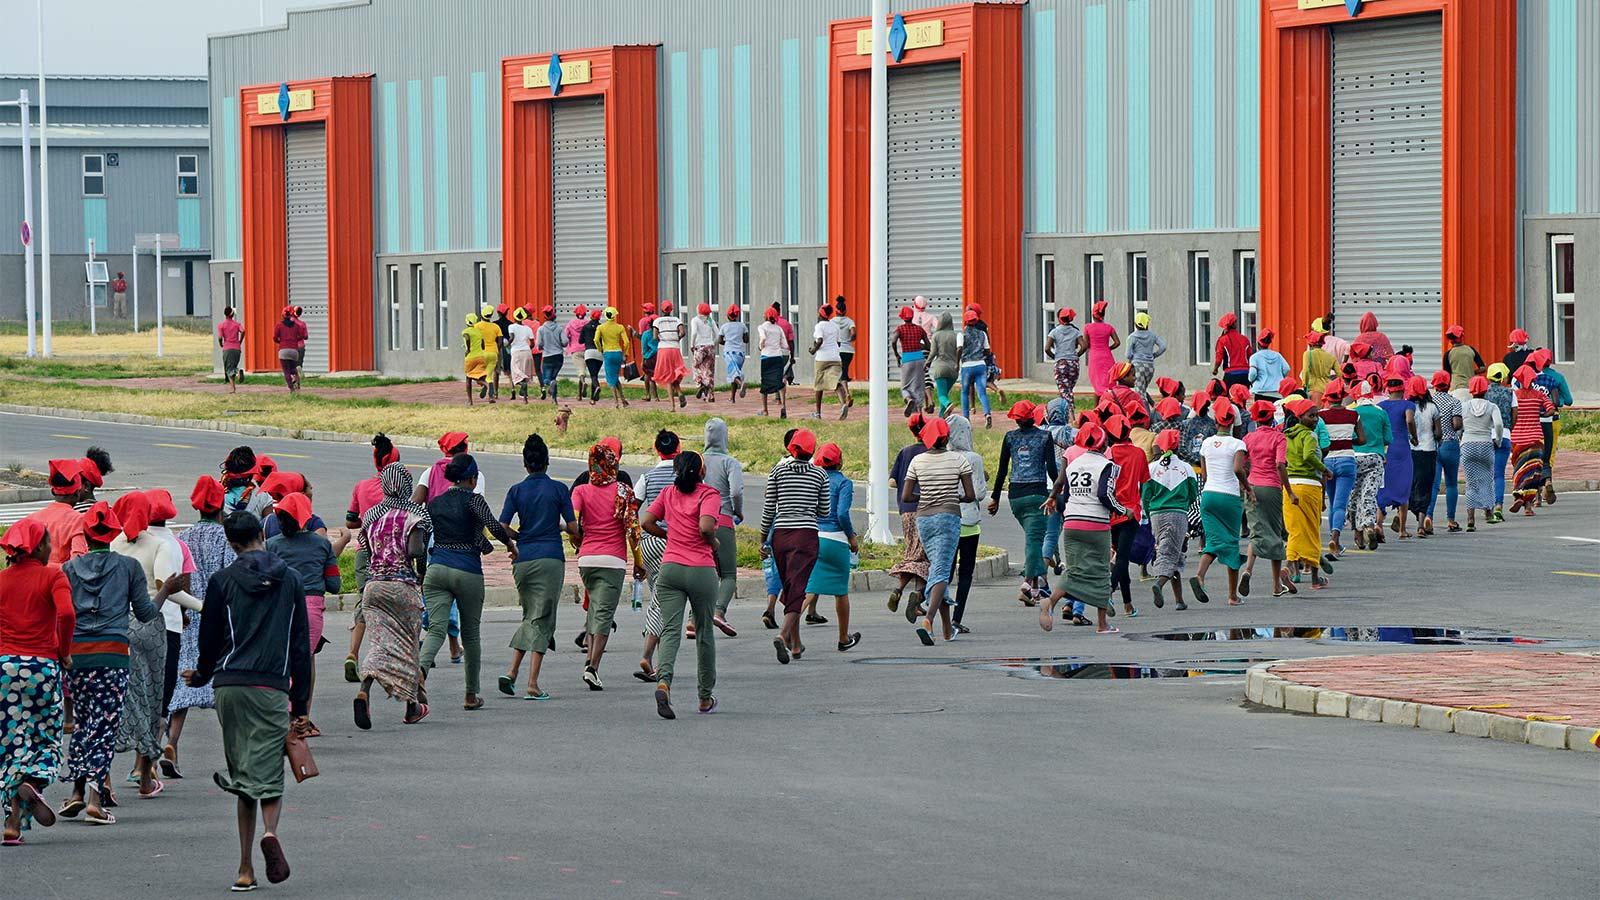 V Etiopii je tak levná pracovní síla, že se zde stále vyplatí vyrábět oblečení